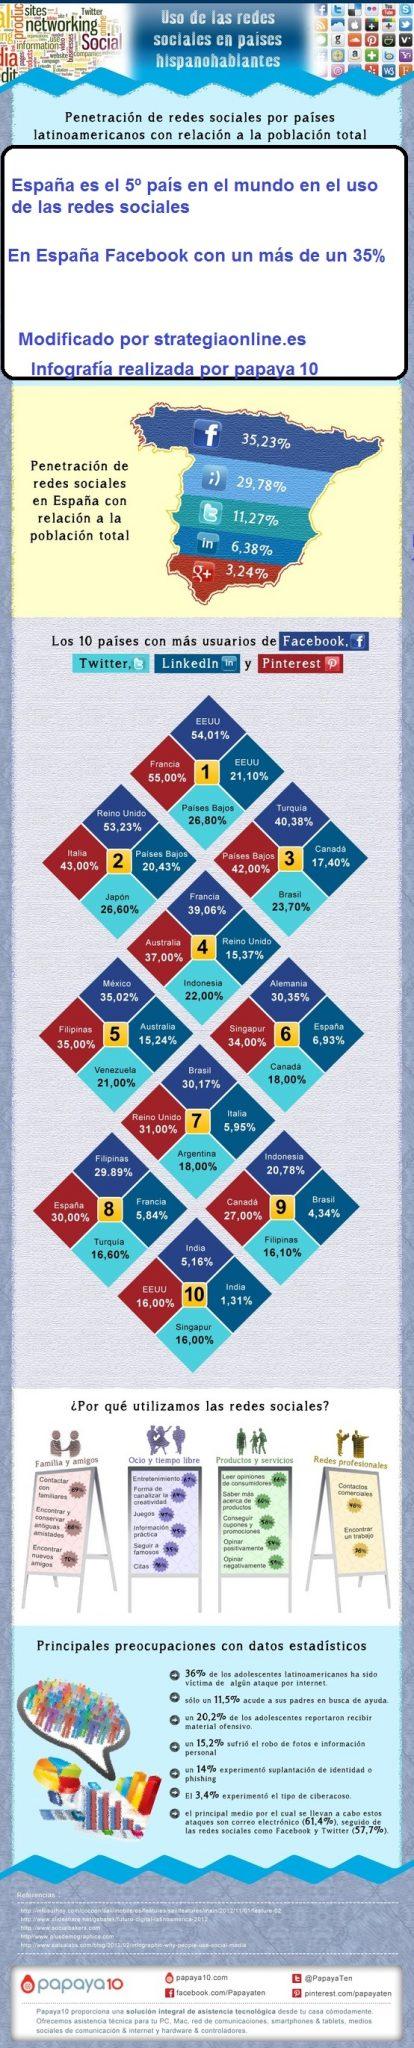 Uso de las redes sociales en España y paises Hispanohablantes  #Infografía